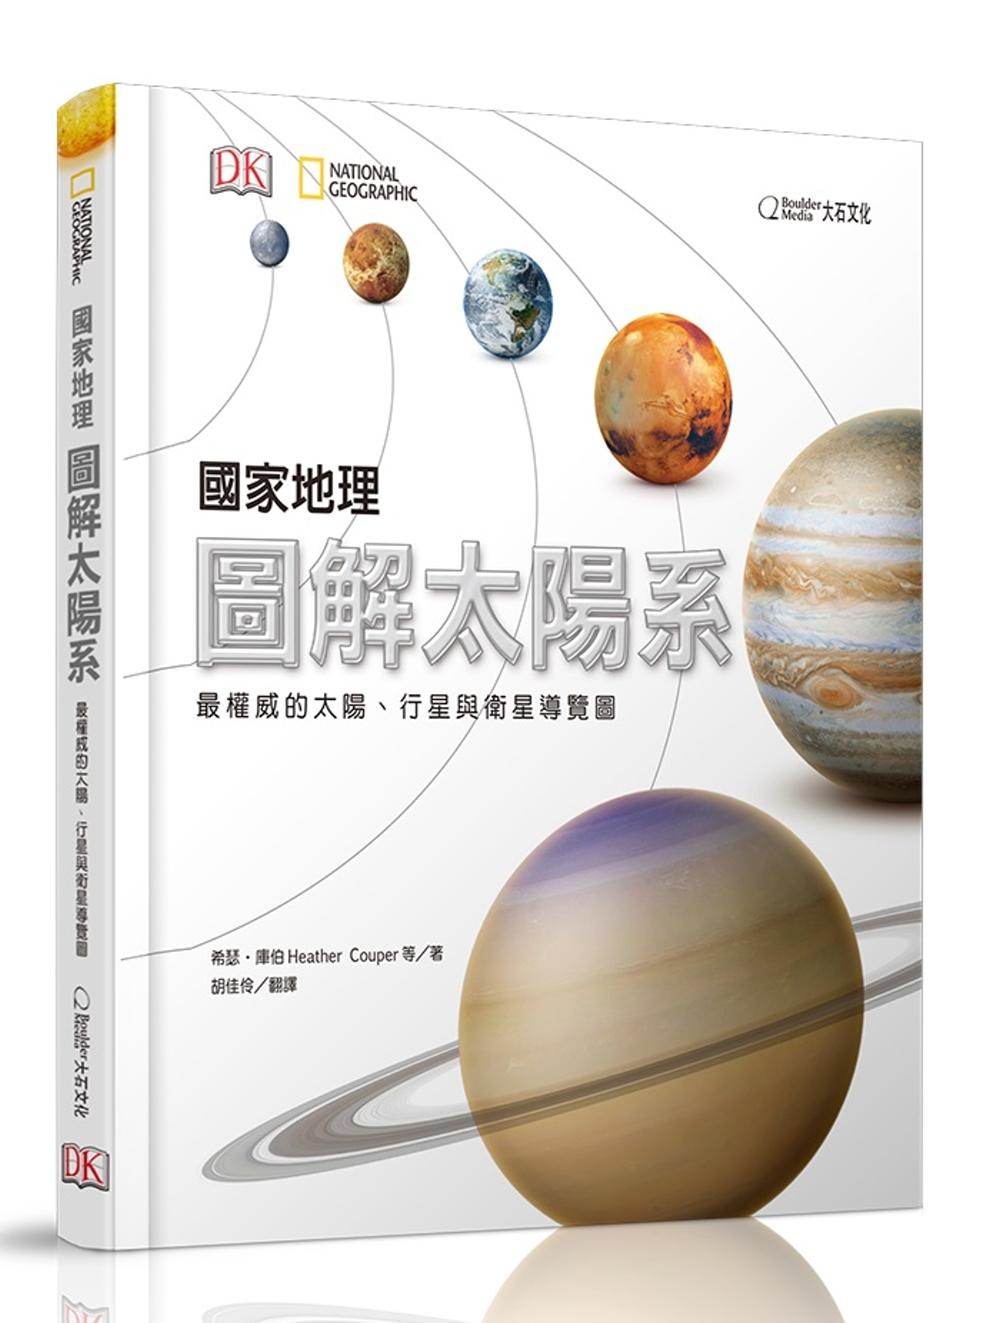 ◤博客來BOOKS◢ 暢銷書榜《推薦》國家地理圖解太陽系:最權威的太陽、行星與衛星導覽圖